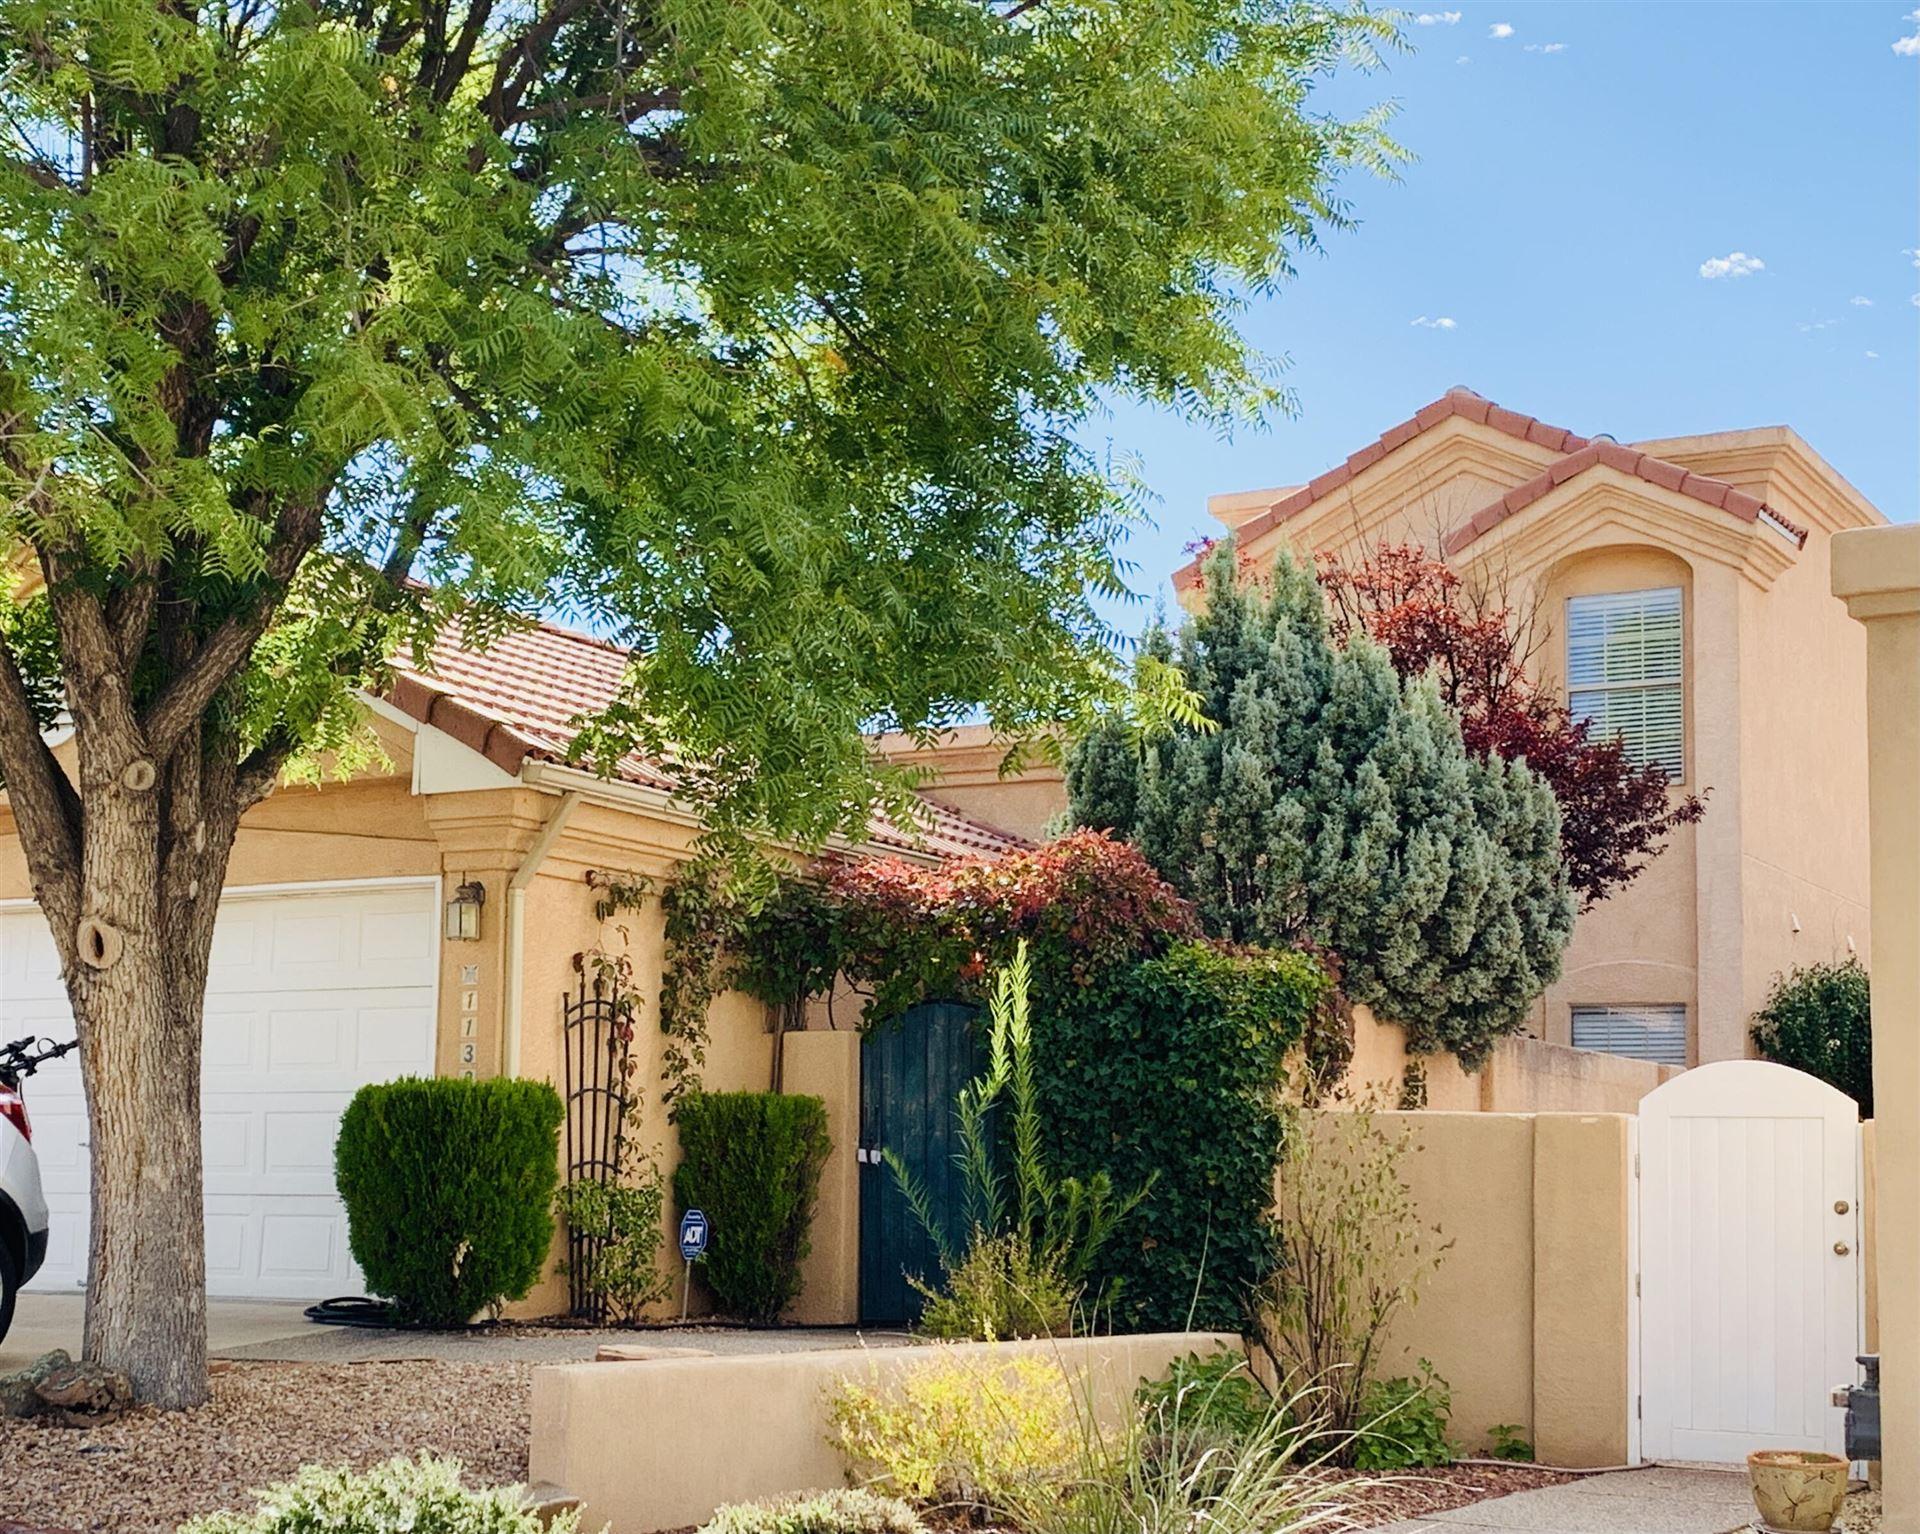 11320 ACADEMY RIDGE Road NE, Albuquerque, NM 87111 - MLS#: 1002476